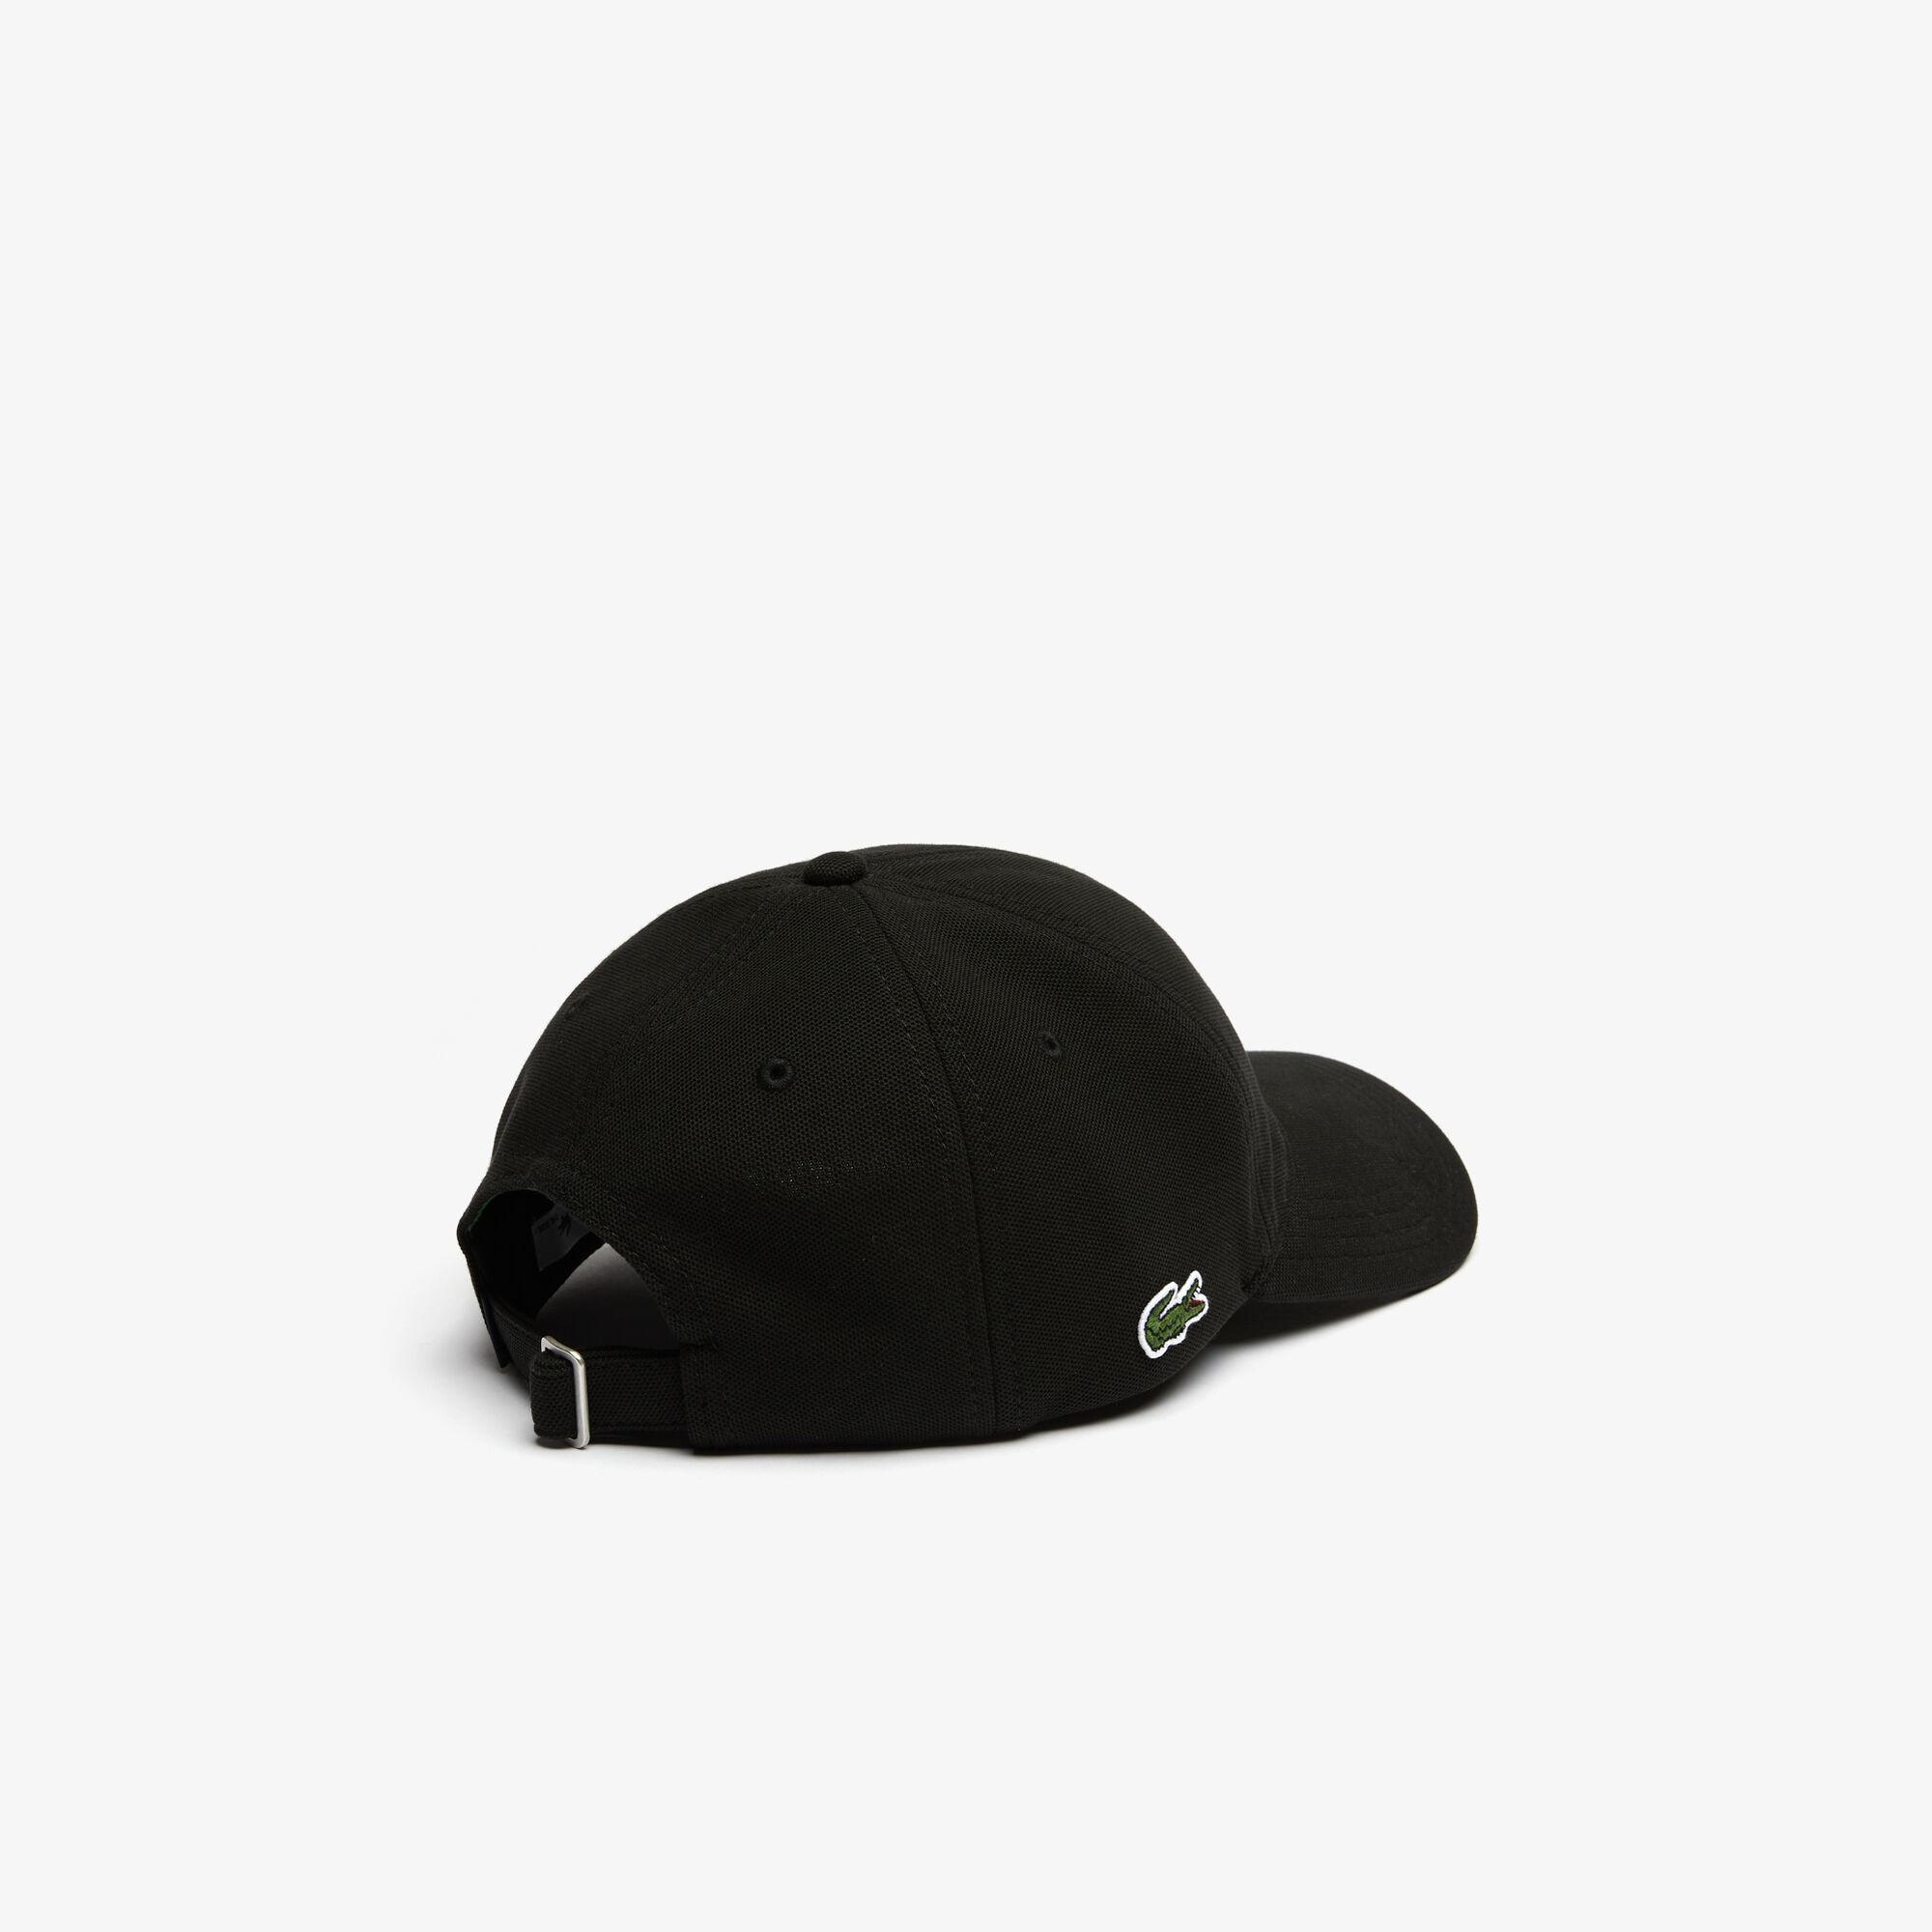 قبعة من قطن بيكيه للرجال